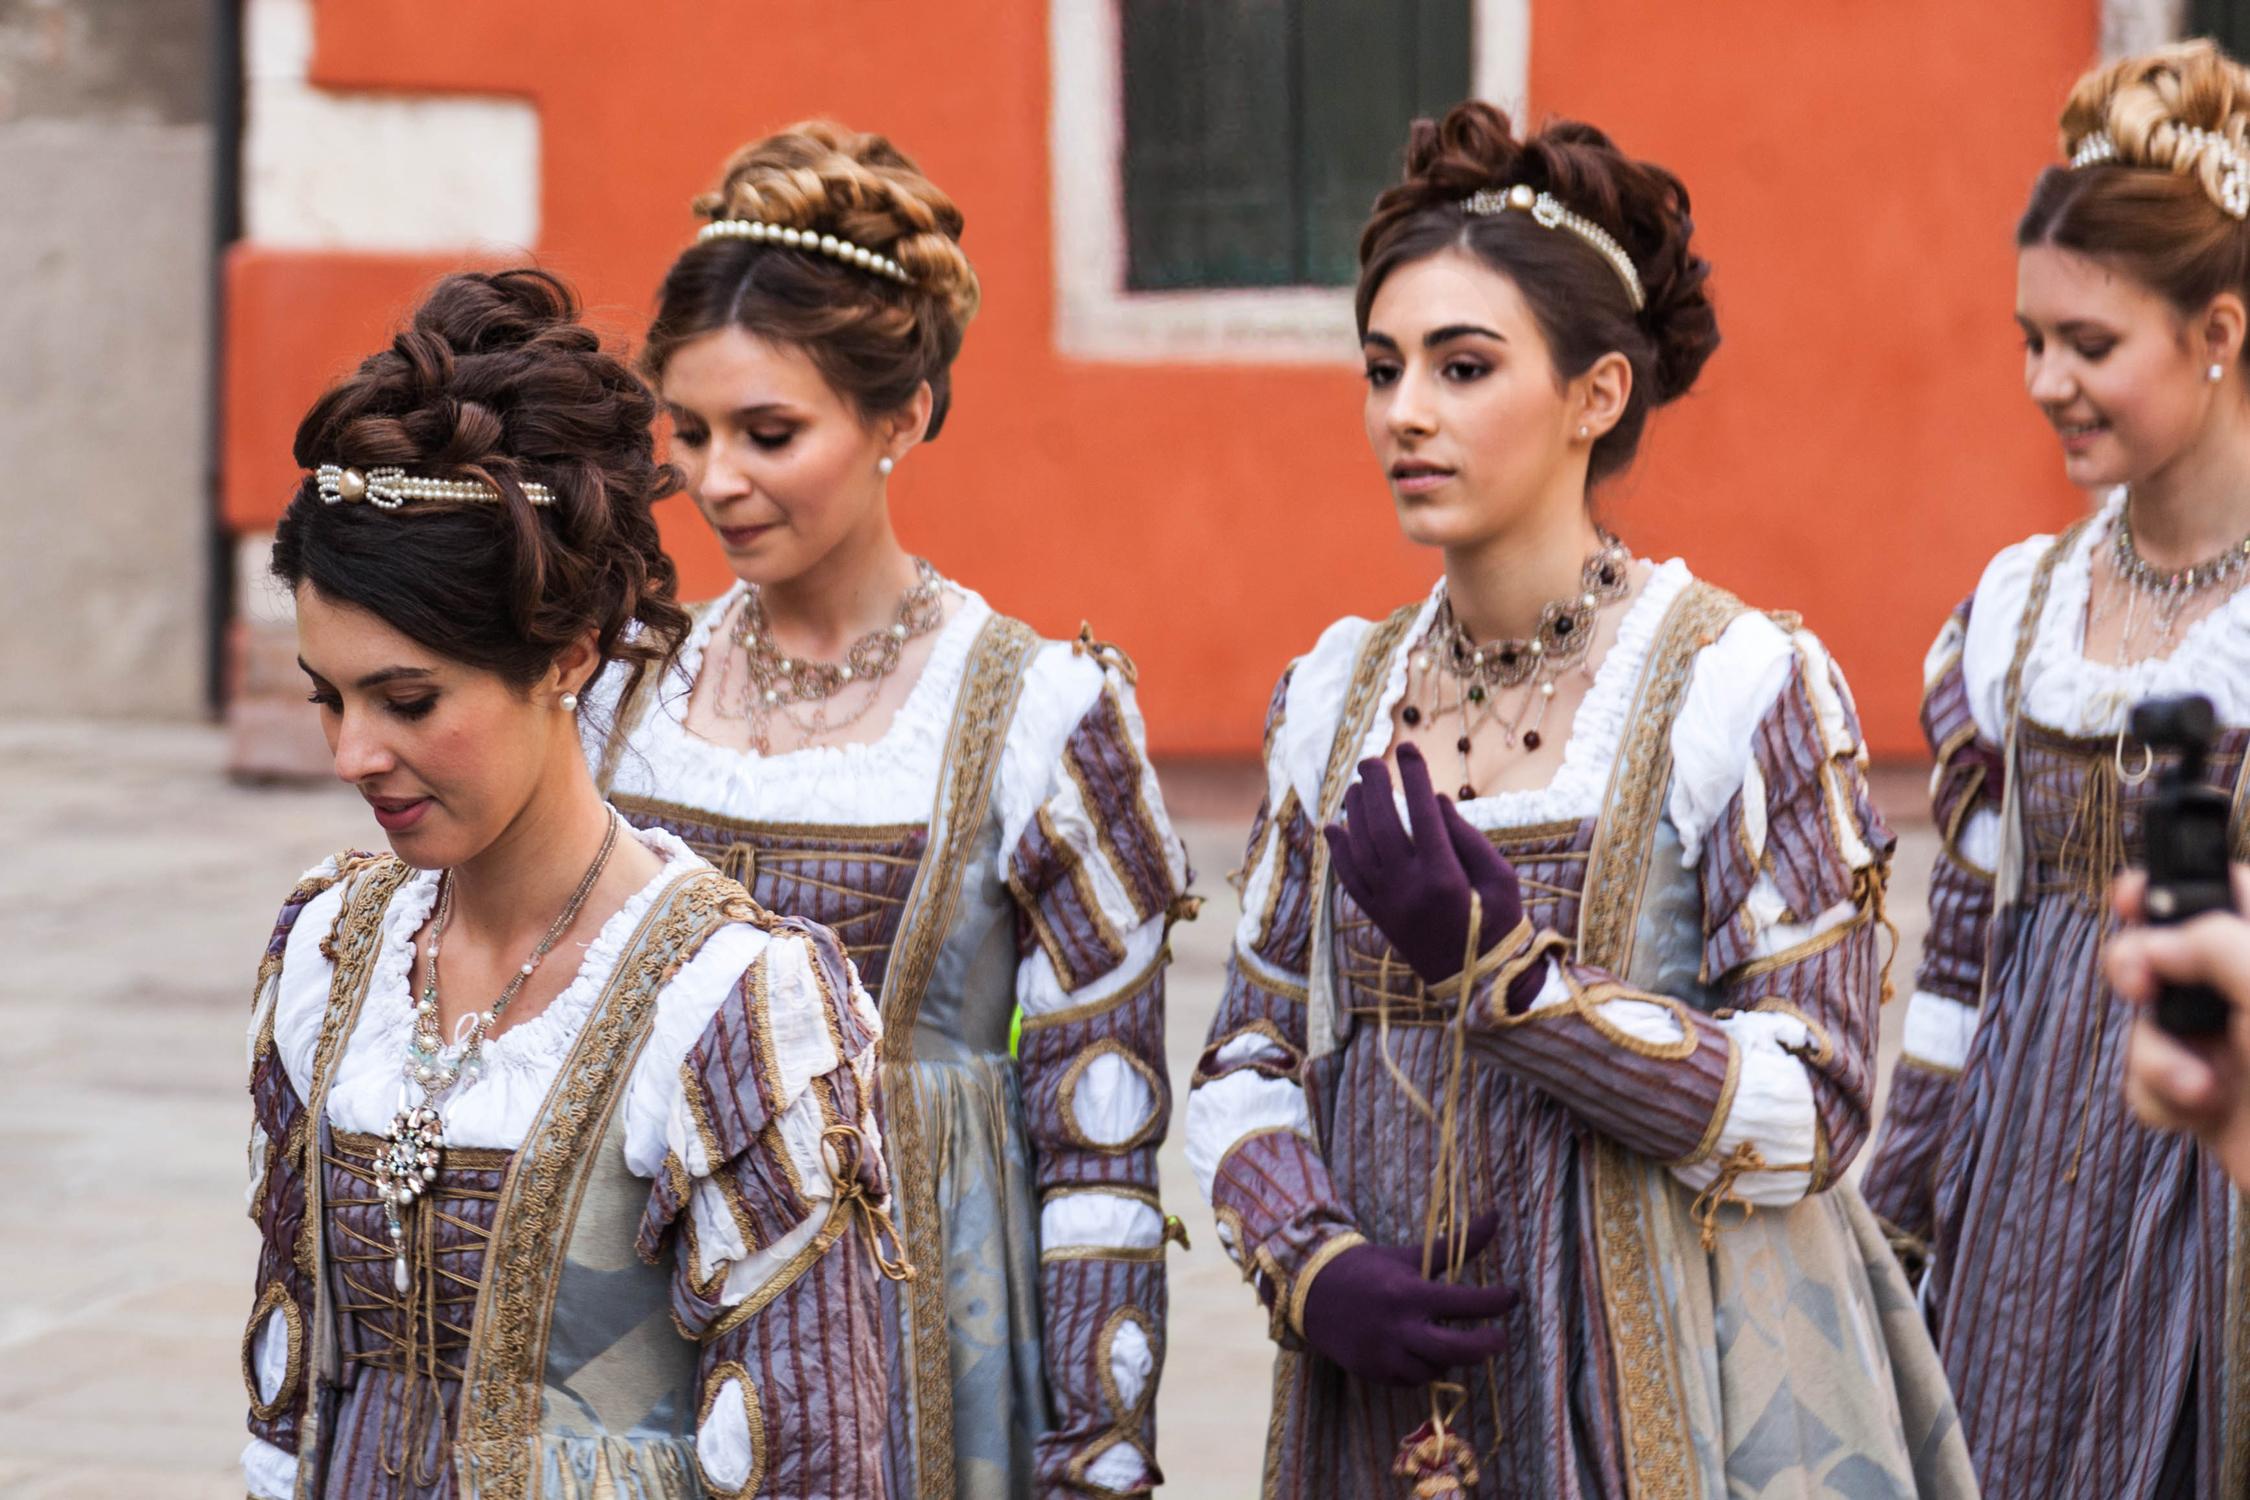 La procession des Marie lors du carnaval de Venise